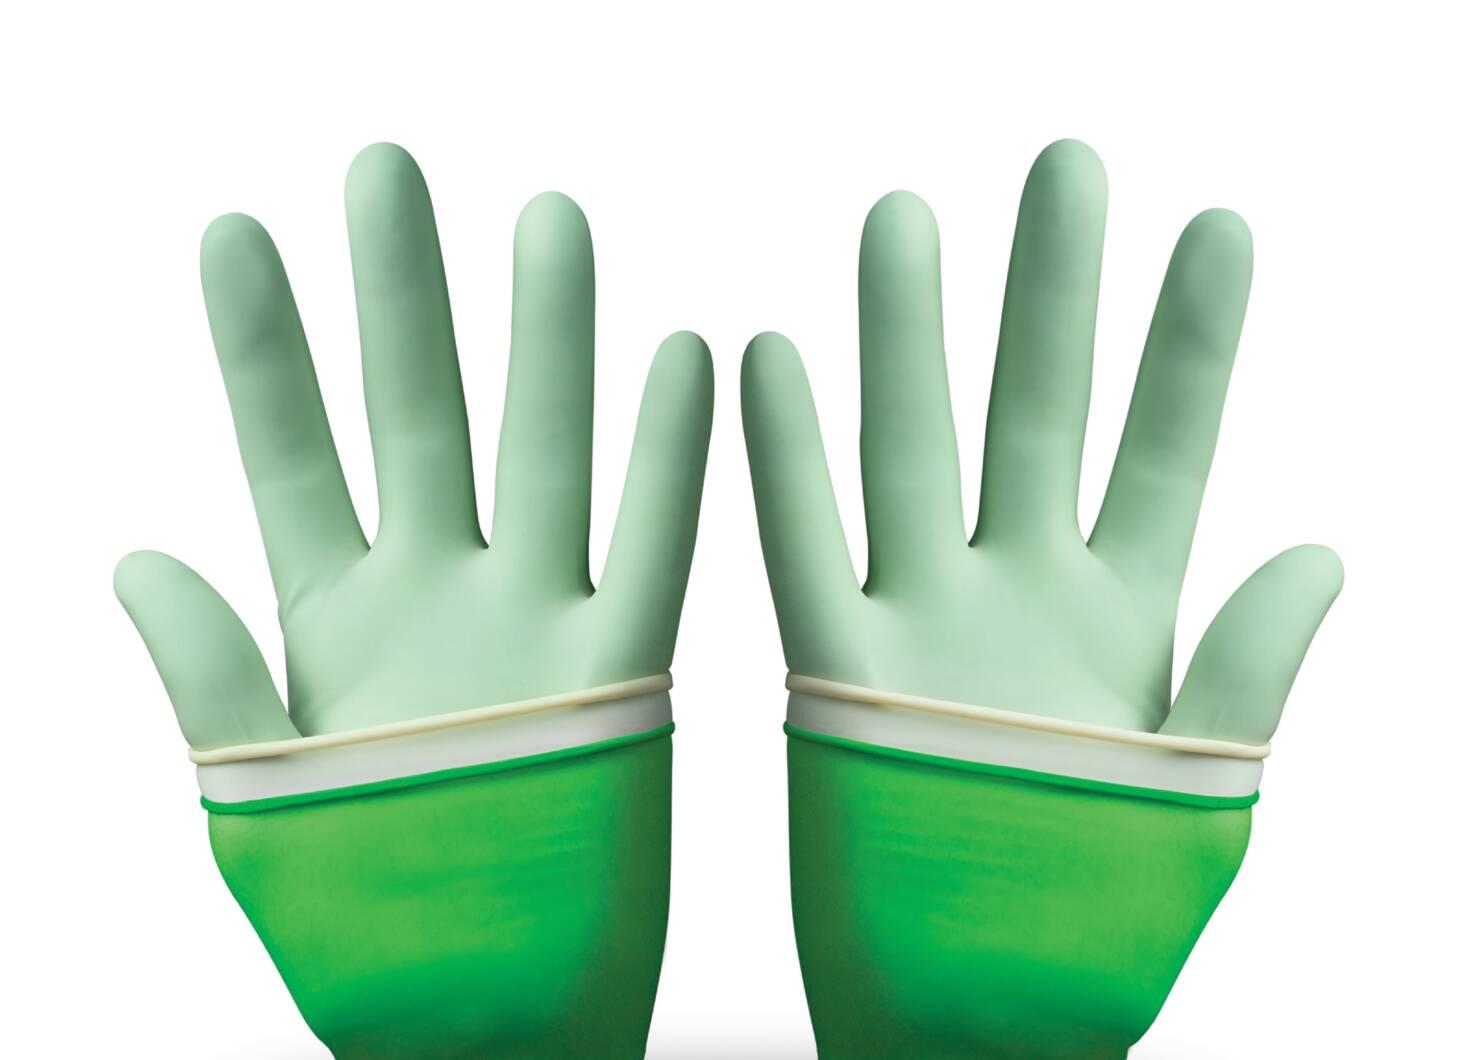 chirurgische handschoenen